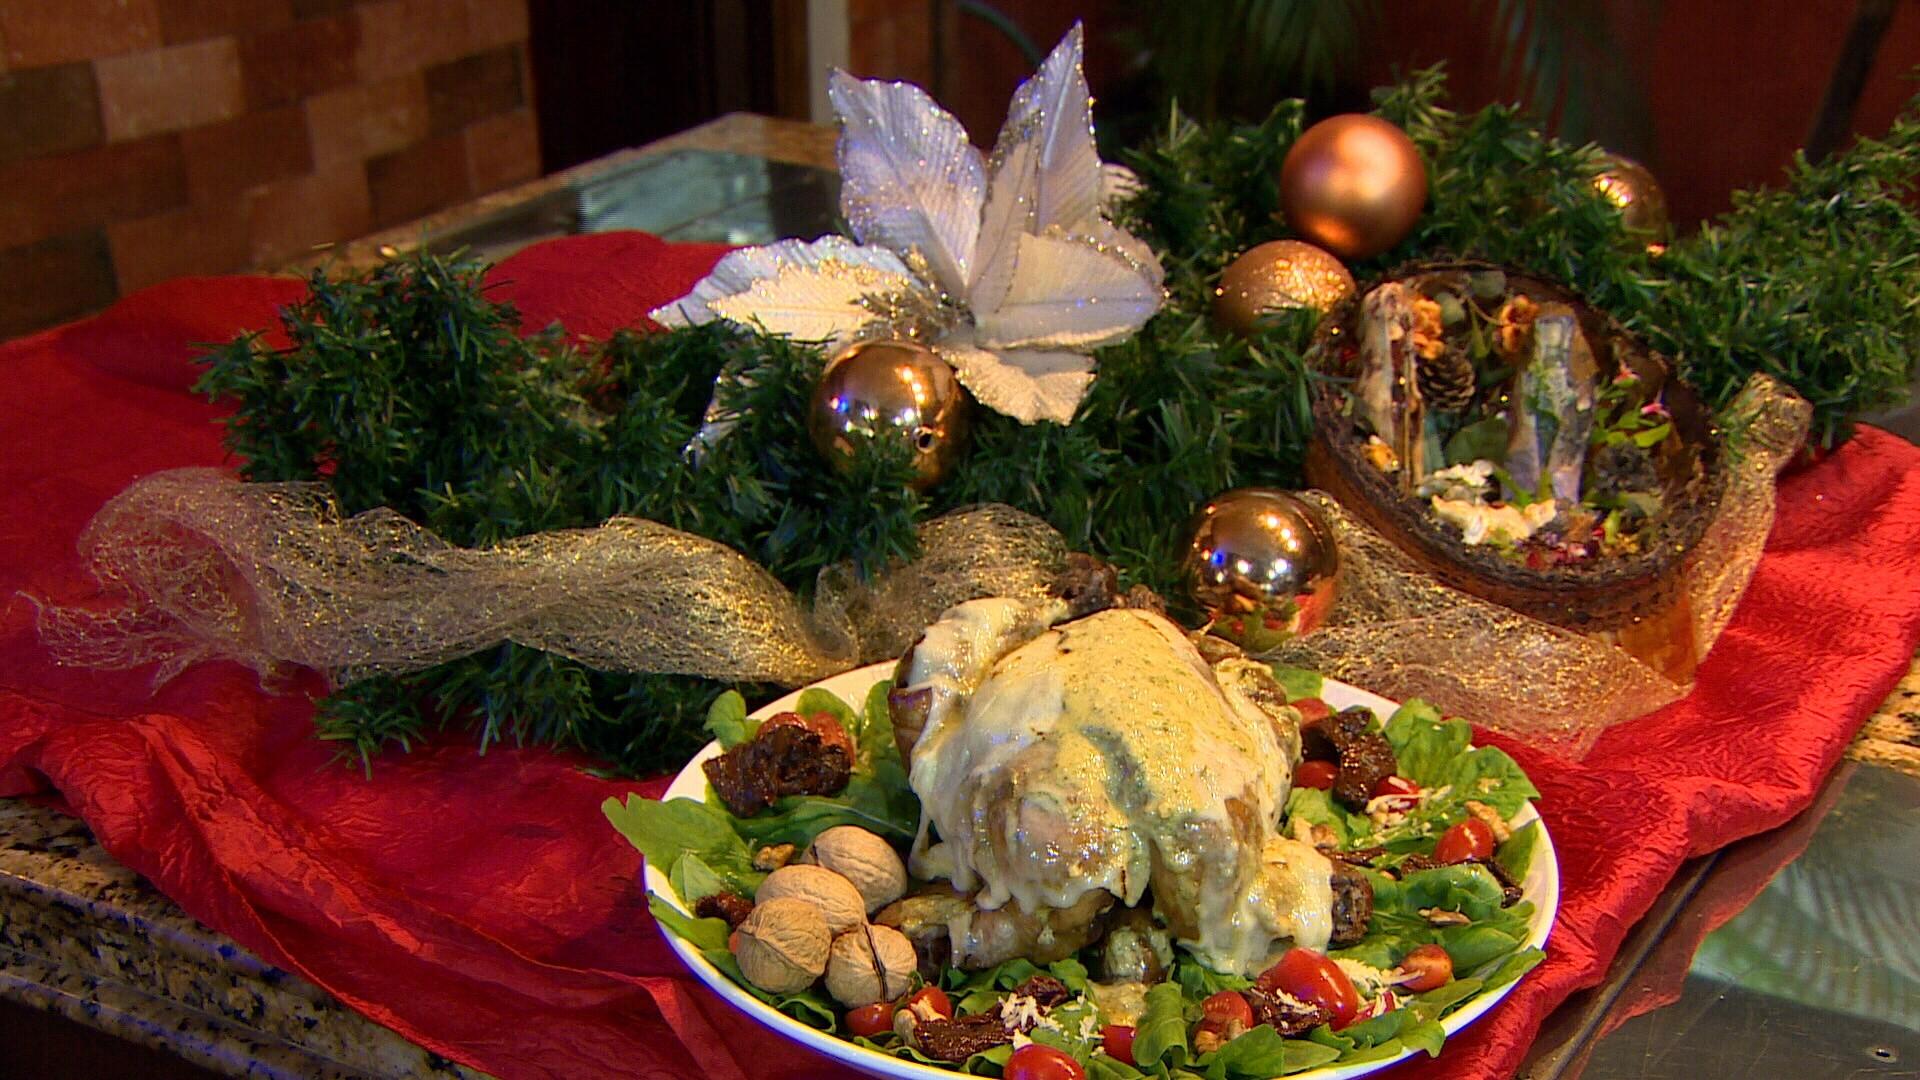 Nutrólogo de Caruaru alerta sobre os riscos dos excessos de comidas durante festas de fim de ano